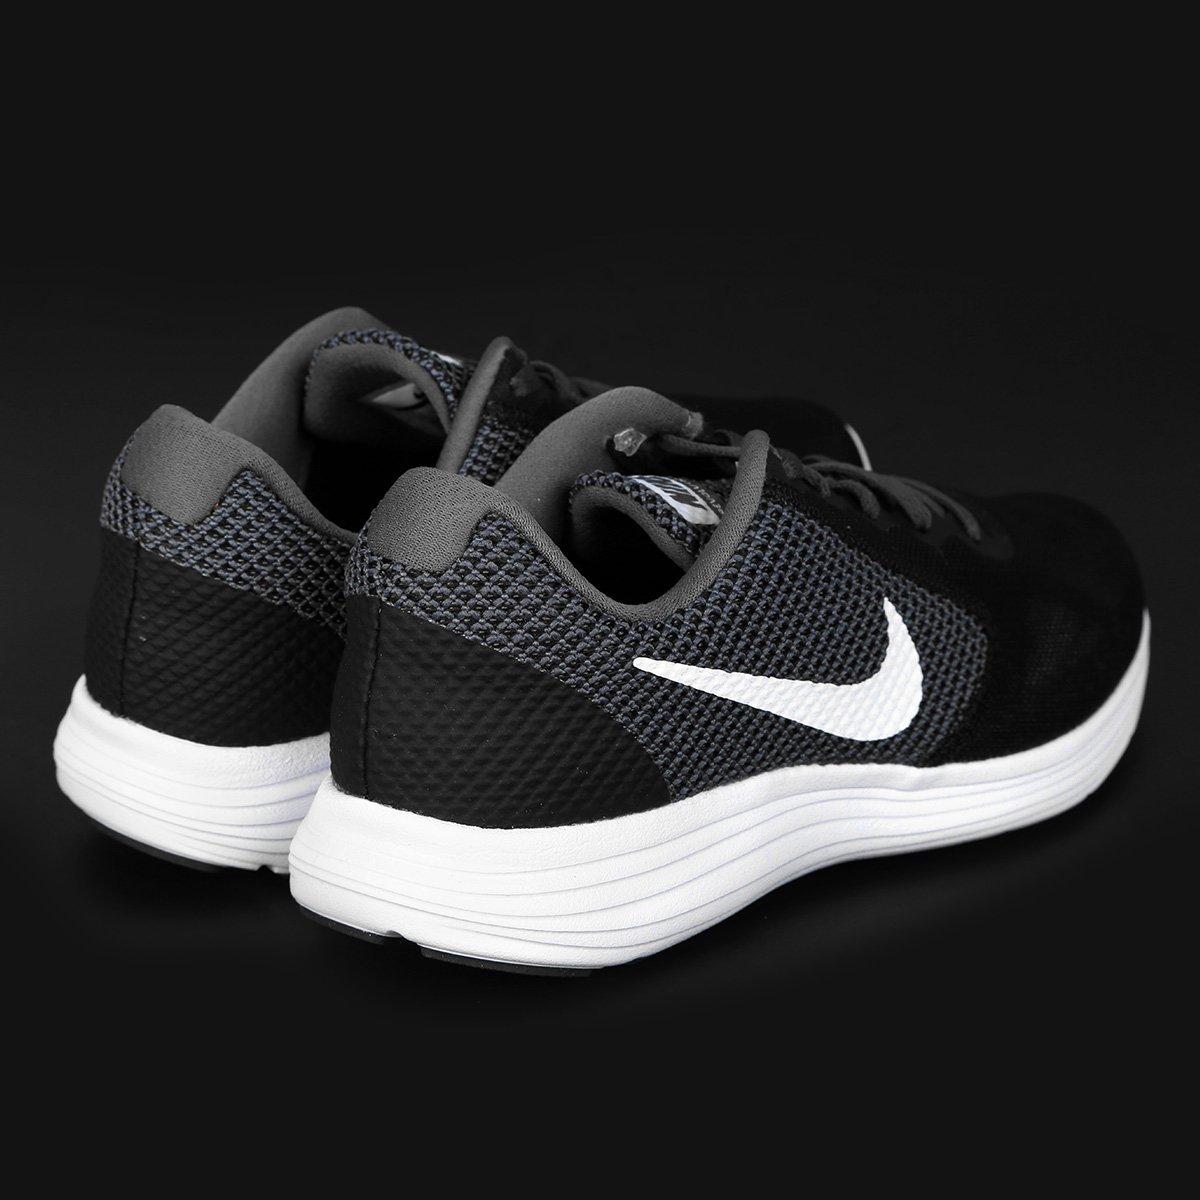 Tênis Nike Revolution 3 Feminino - Preto e Off White - Compre Agora ... e3f06415970f1